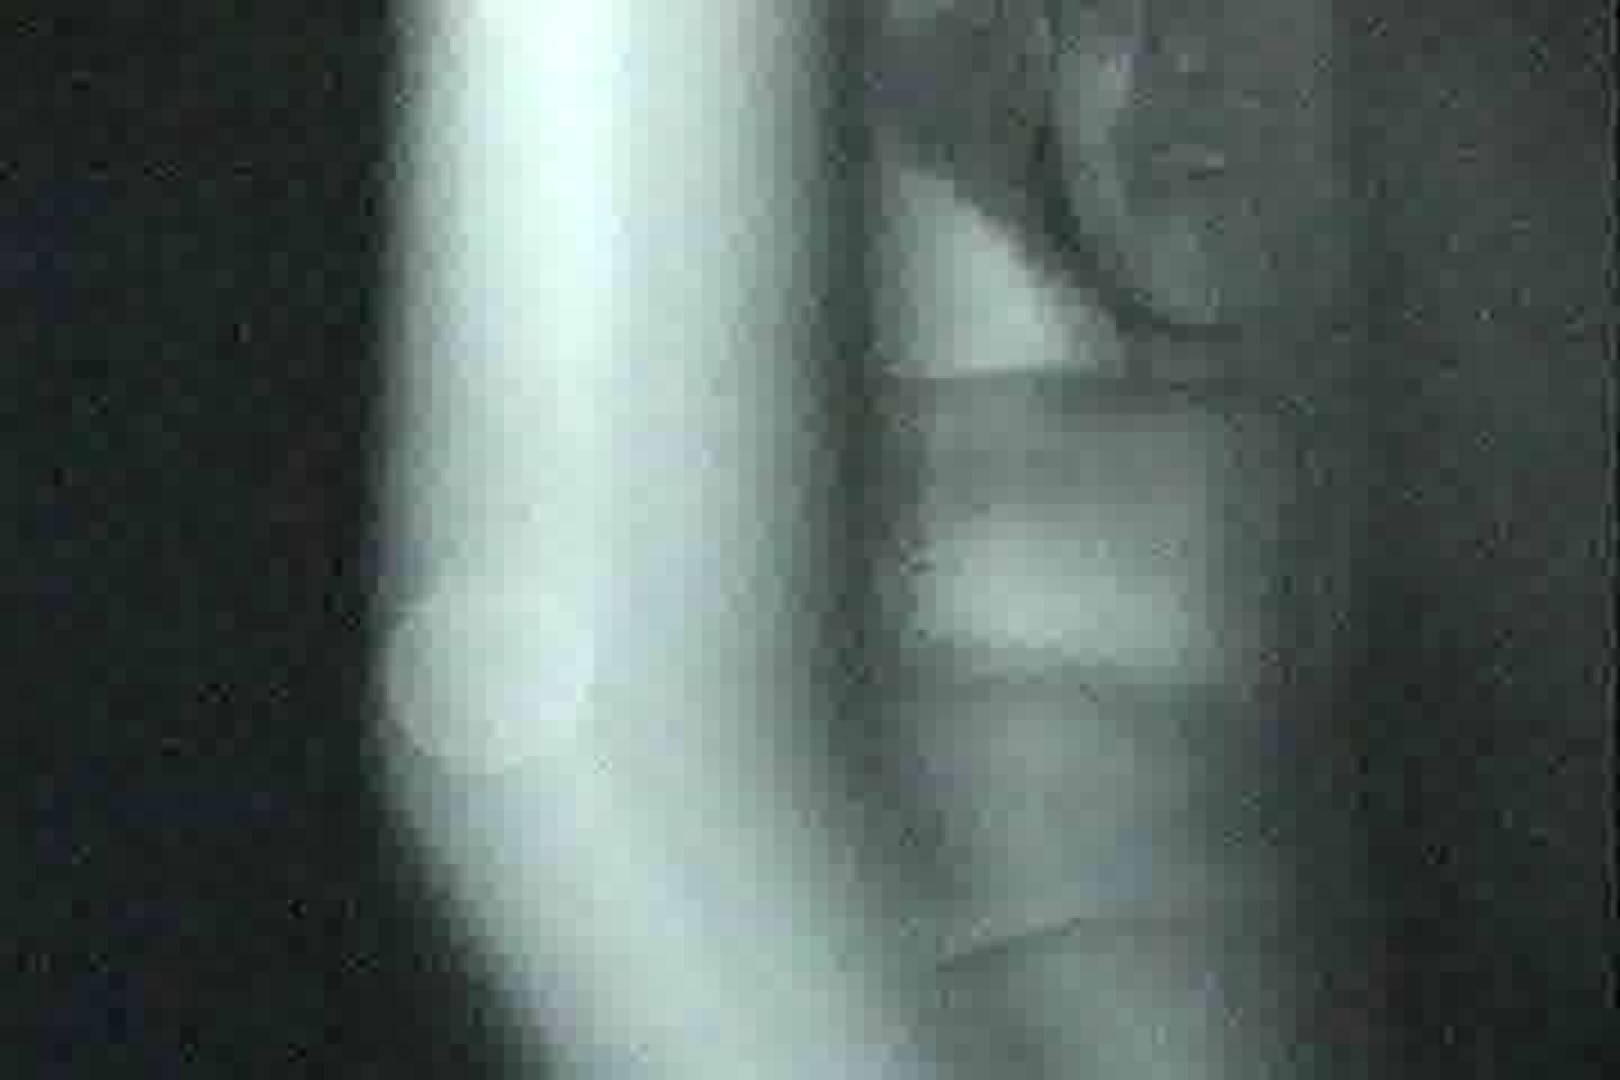 充血監督の深夜の運動会Vol.18 カップルのセックス 隠し撮りオマンコ動画紹介 55PIX 13